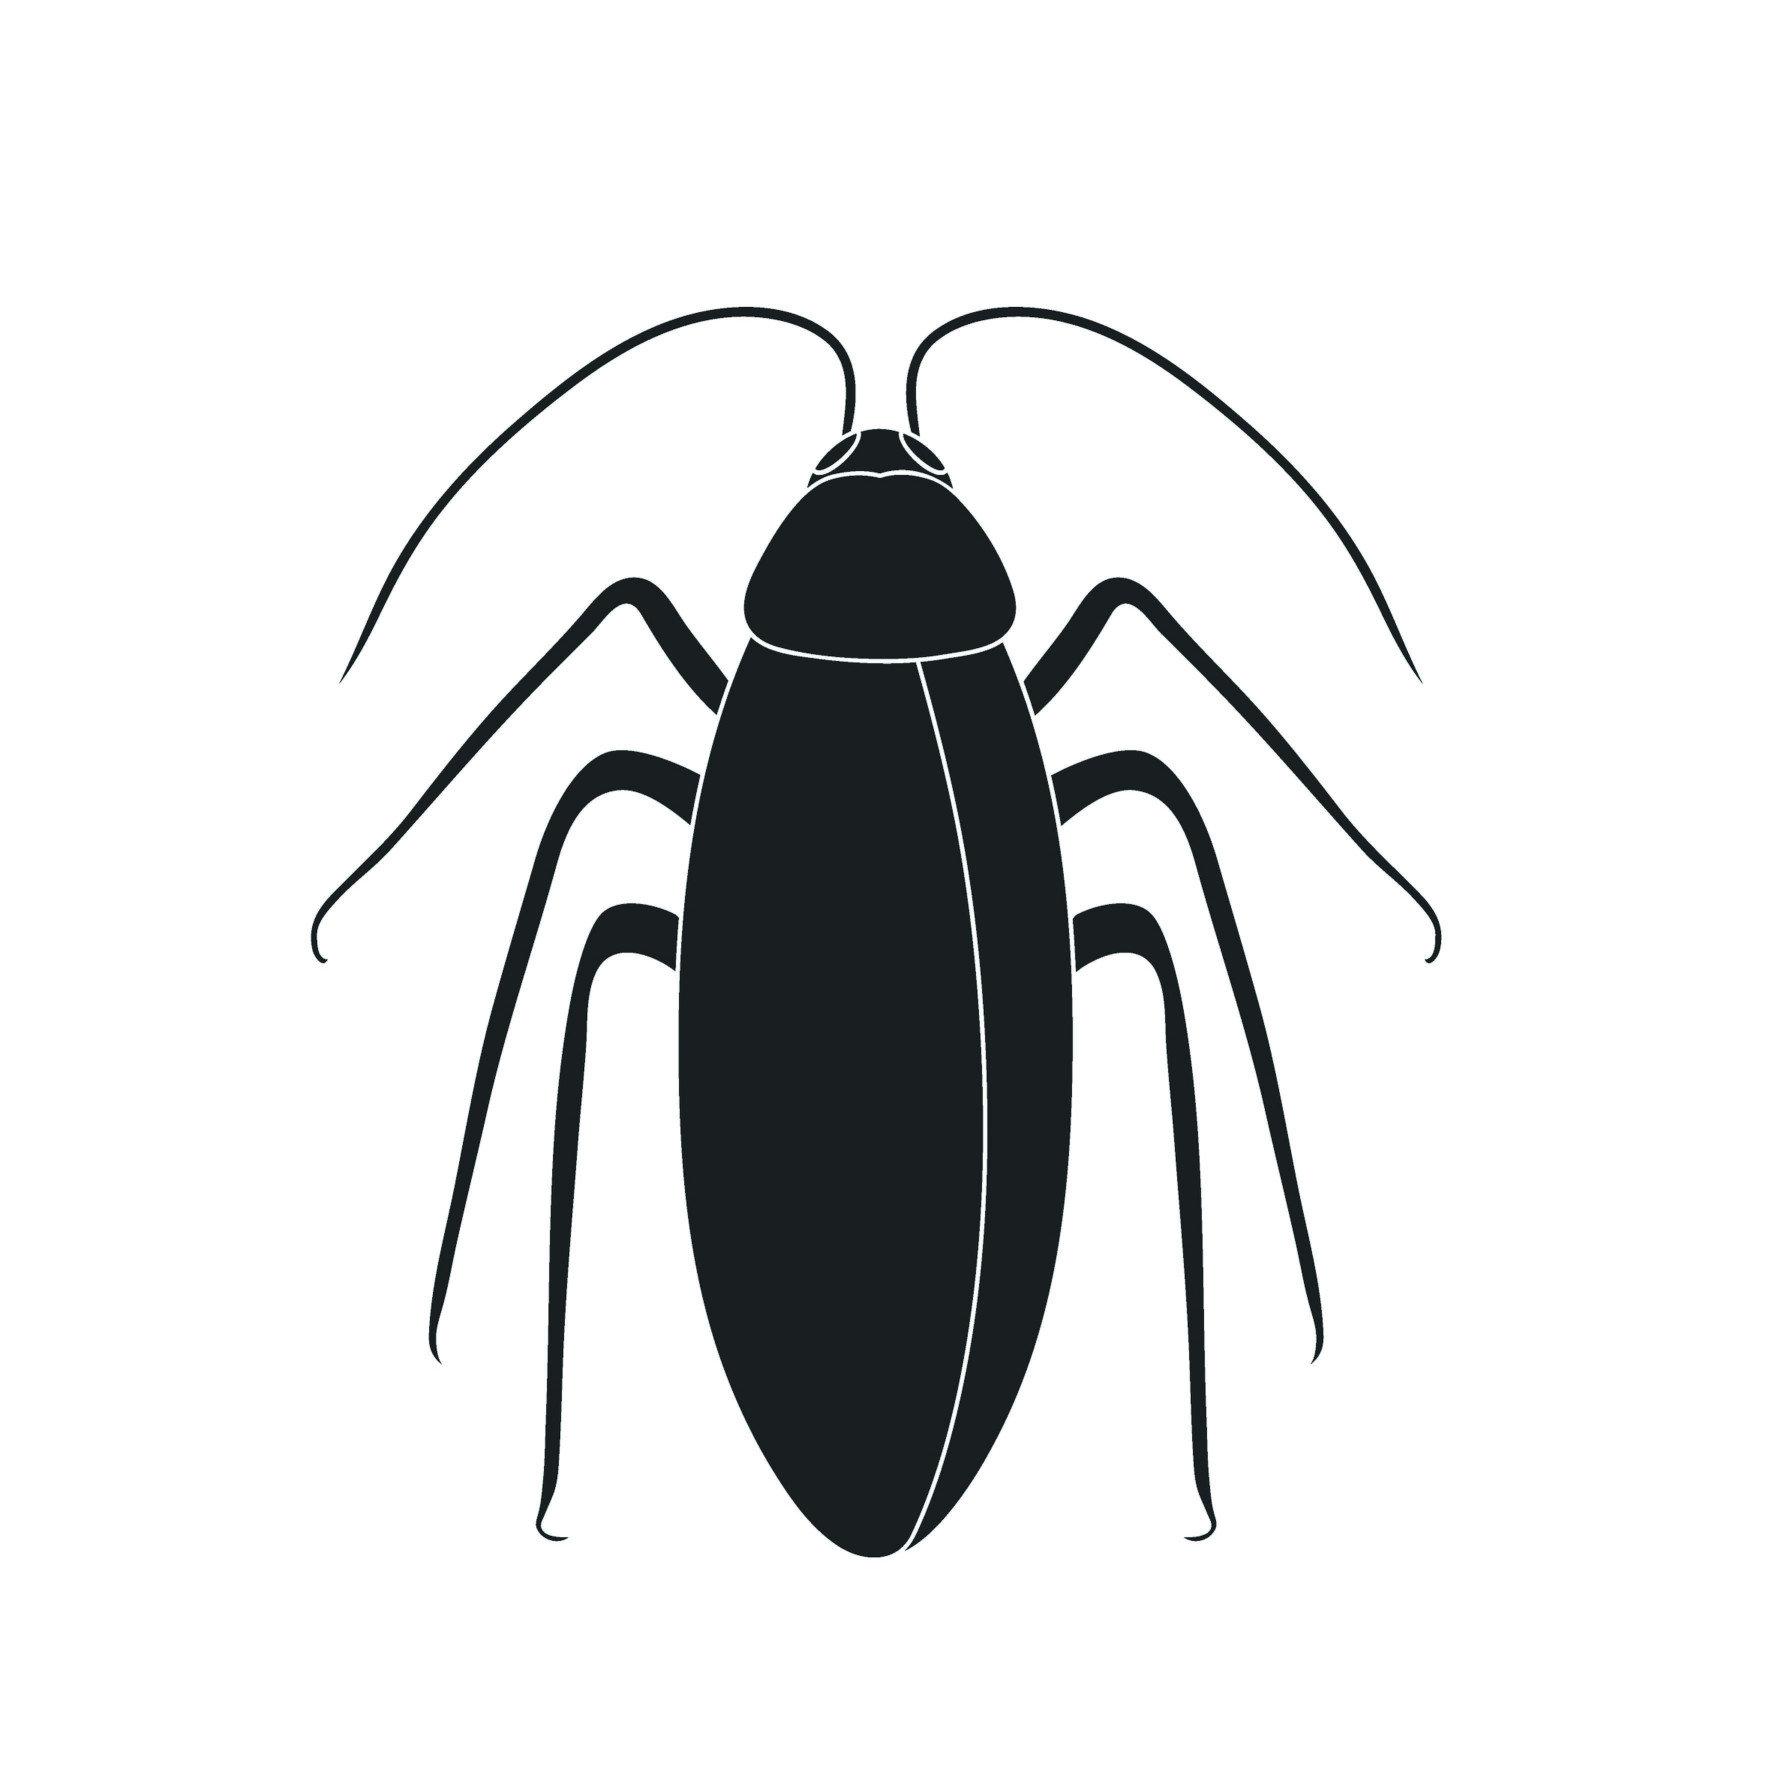 相信「會飛的蟑螂」讓不少人頭痛不已,而究竟蟑螂爬得好好的為什麼要飛呢?基本上蟑螂是不飛的,是習慣以六隻腳爬行的爬行性昆蟲。